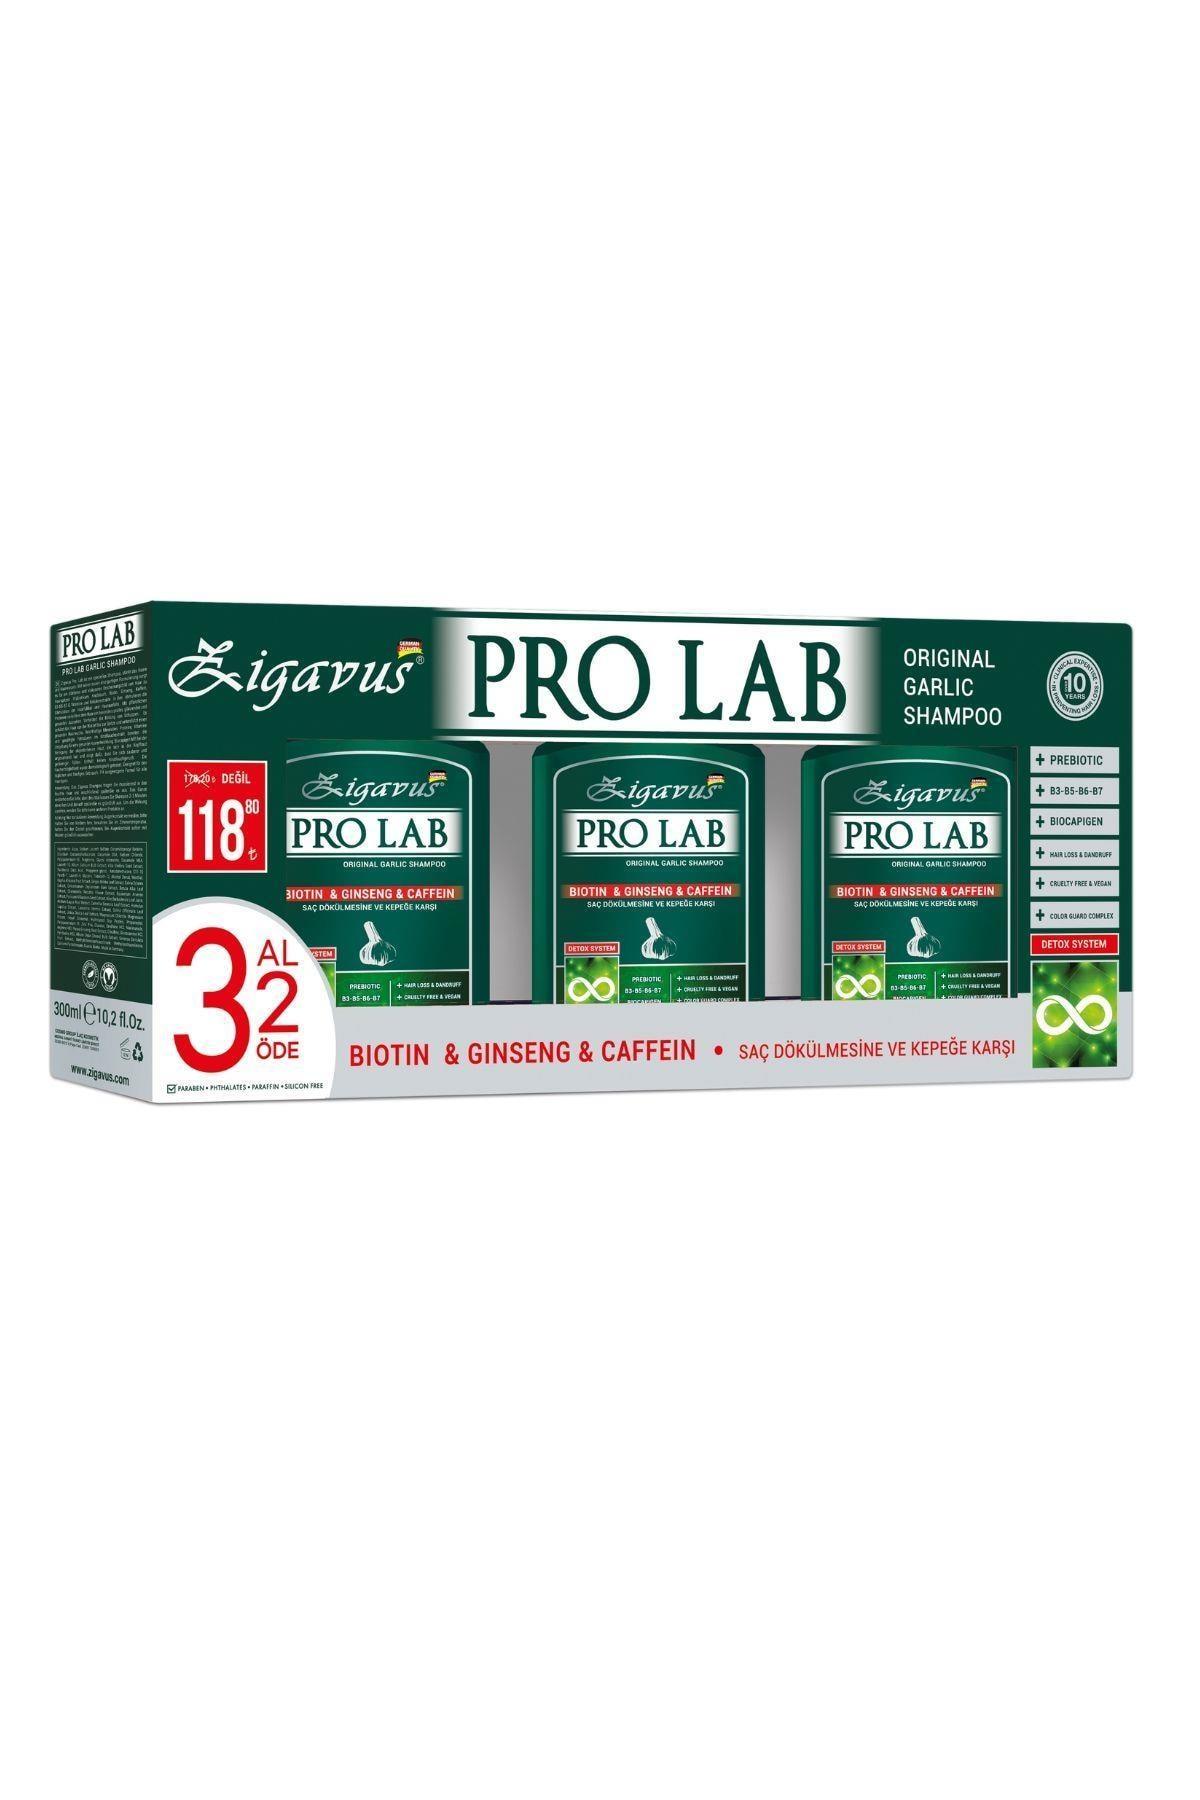 Pro Lab Şampuan 300 ml 3 Al 2 Öde - Sarımsak, Kafein, Biotin, Ginseng Özlü 8699349130770